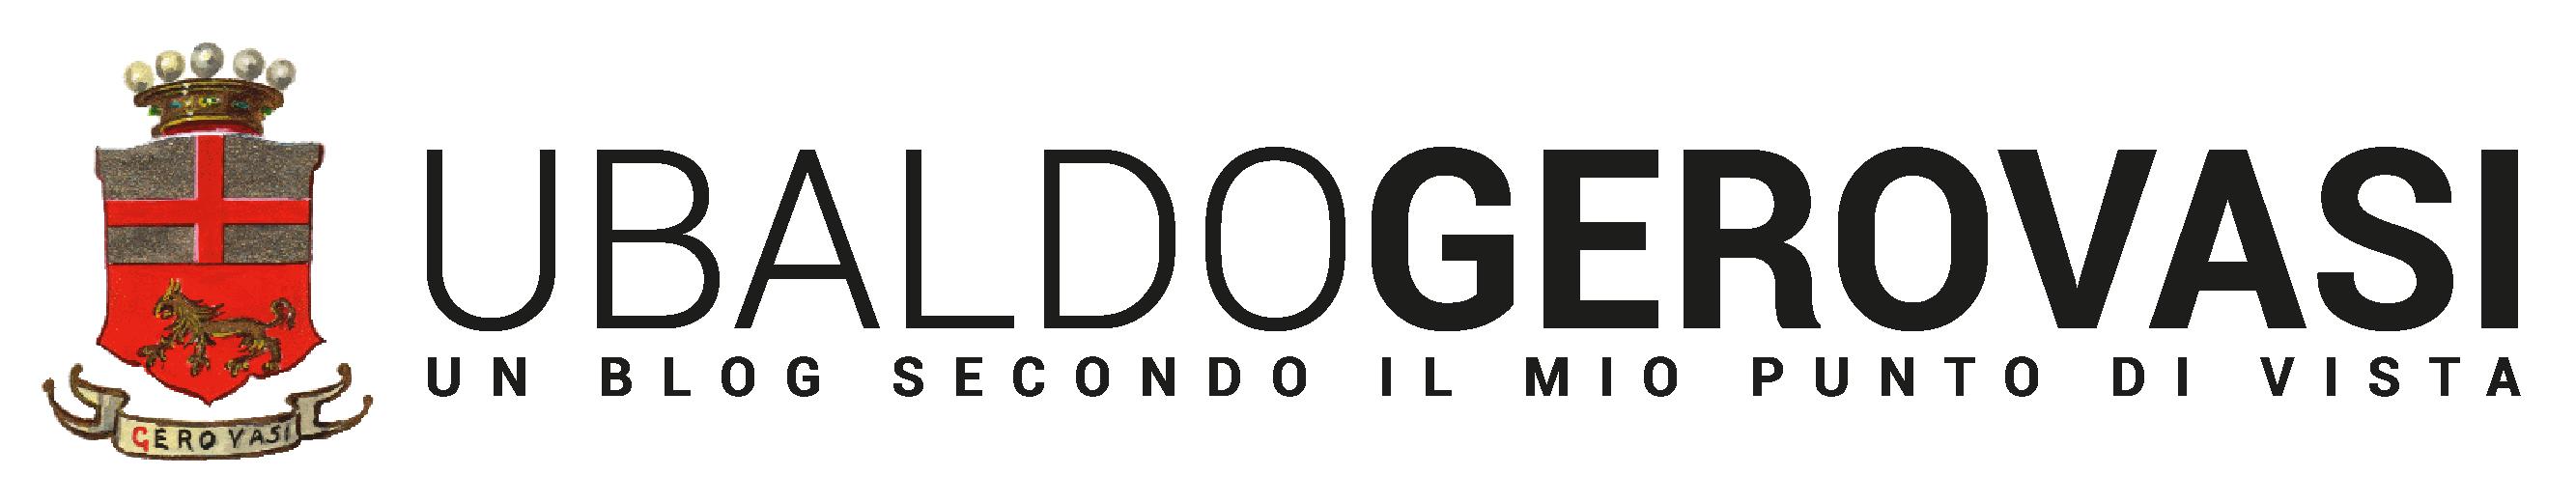 ubaldogerovasi-logo-1280x250_Tavola disegno 1